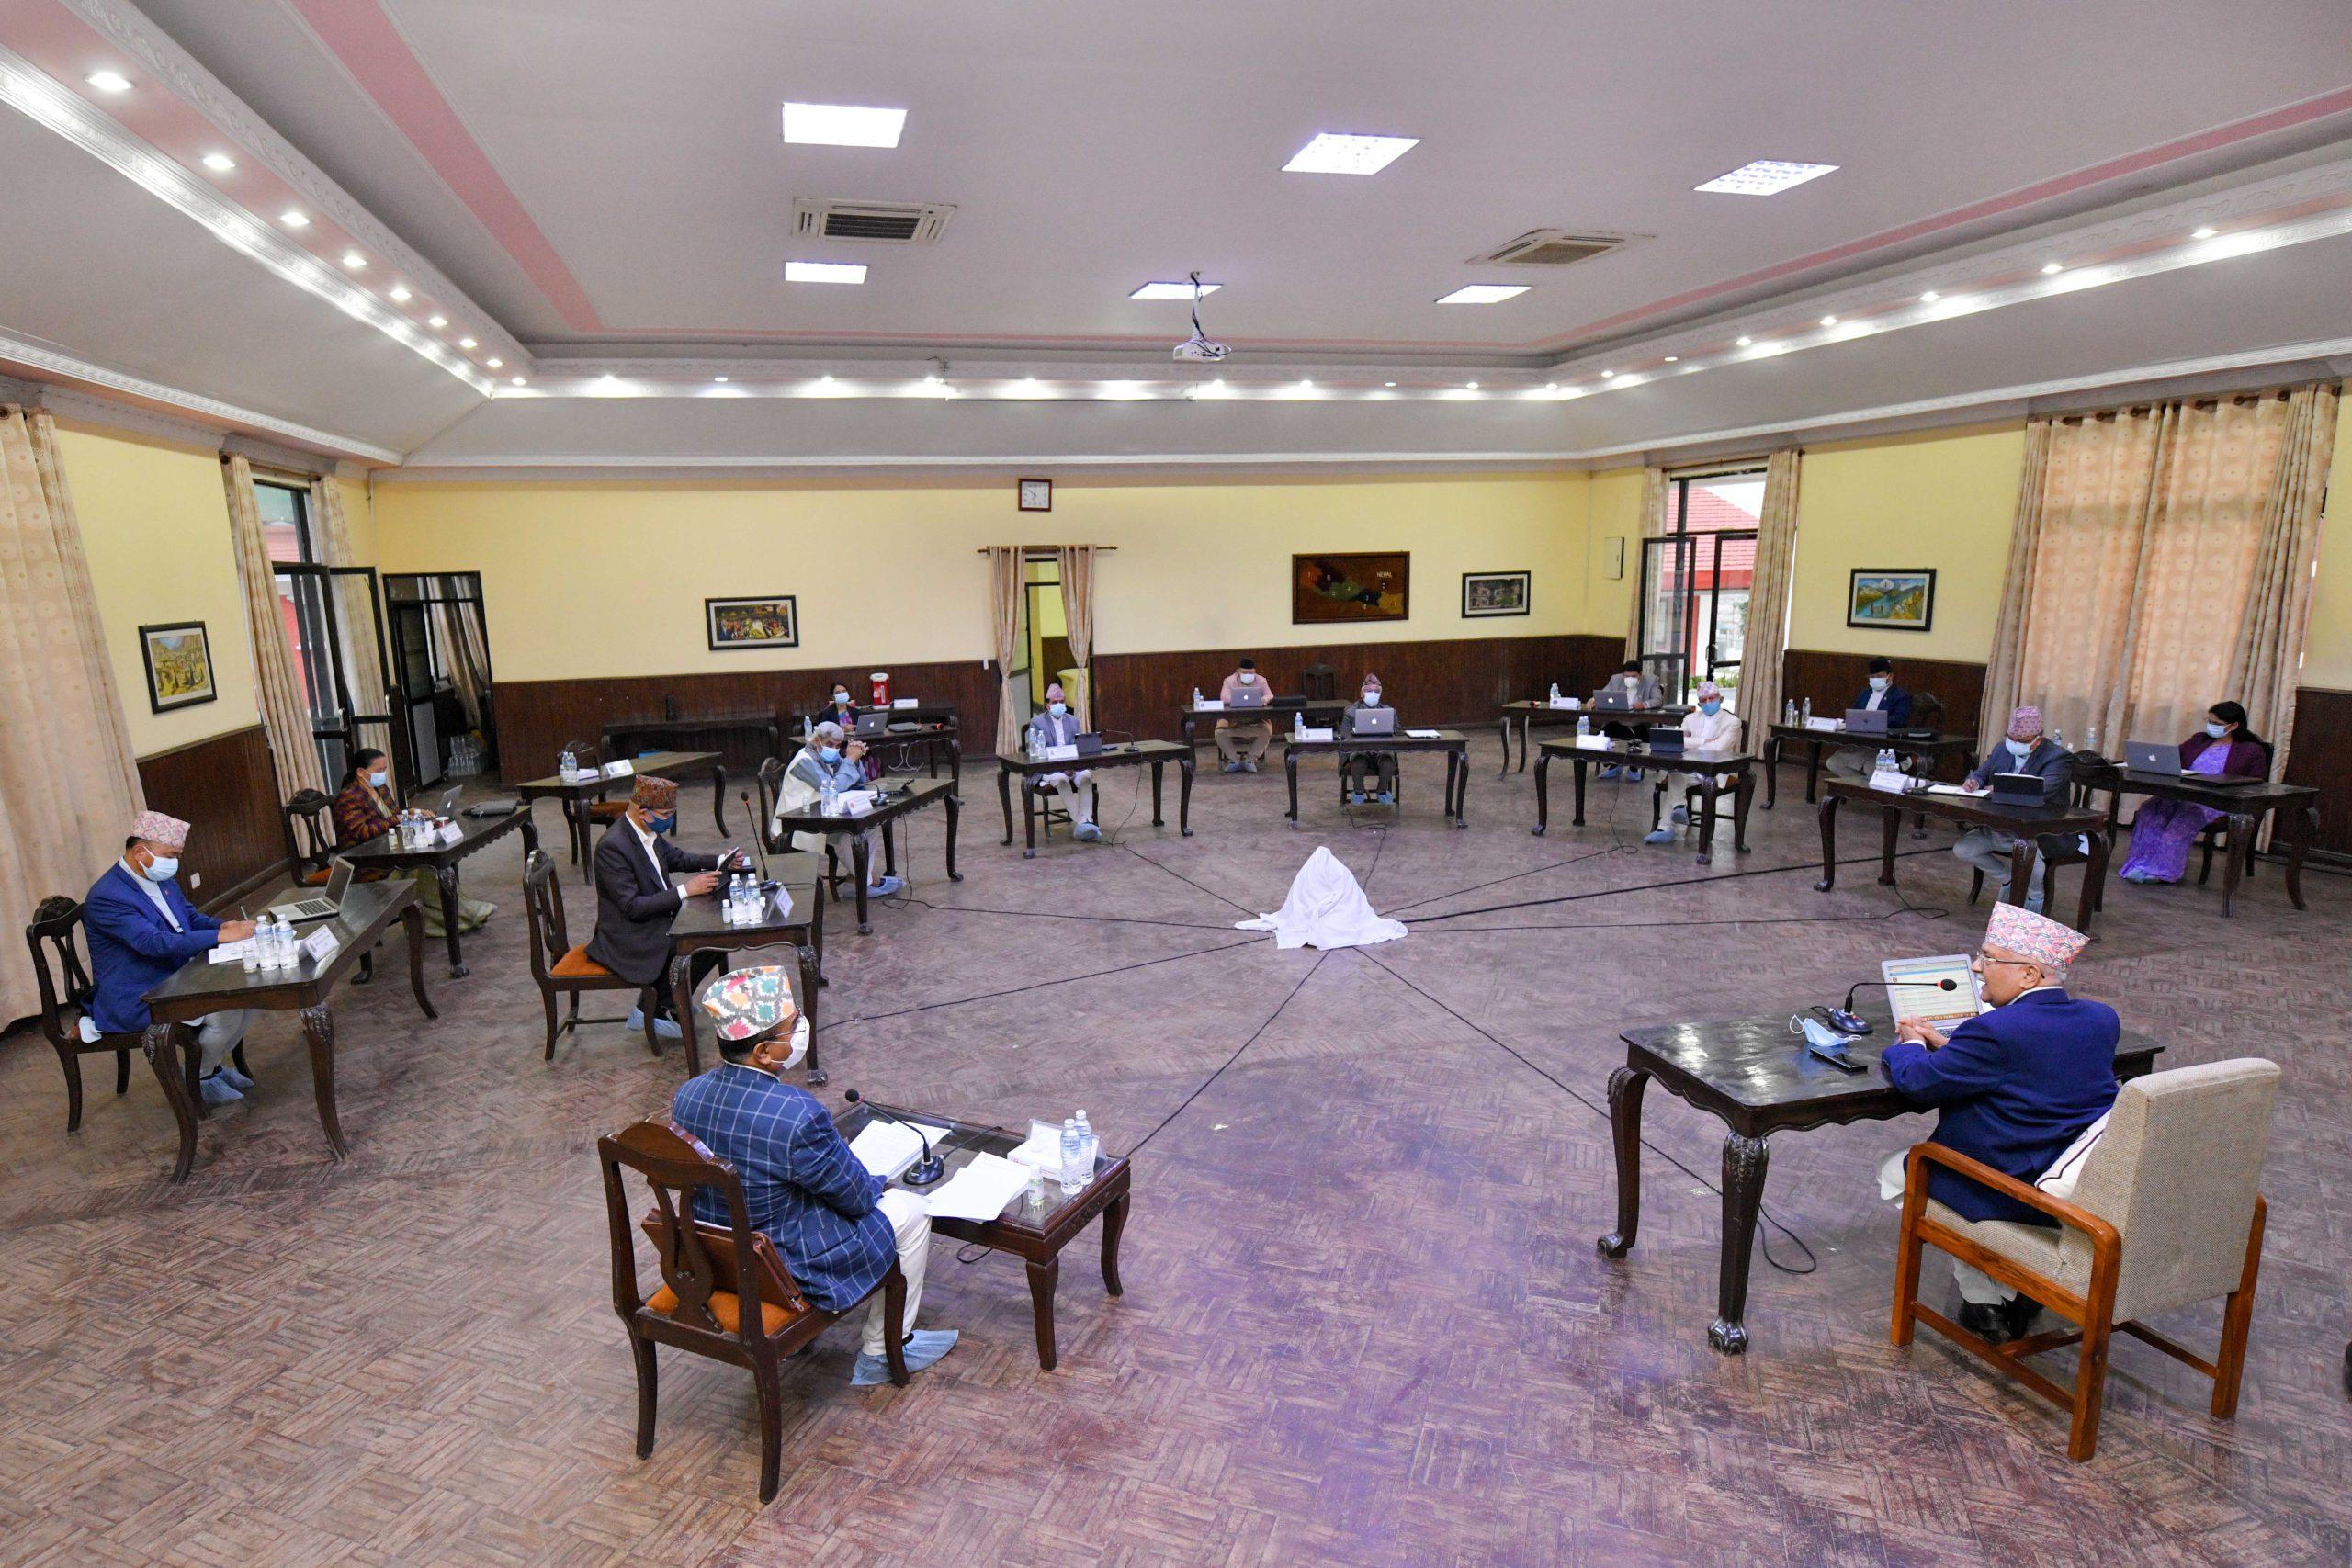 भारतसँग जिटुजीबाट मल खरिद गरिने, मन्त्रिपरिषद् बैठकमा प्रधानमन्त्रीले भने : किसानको गुनासो नआओस्